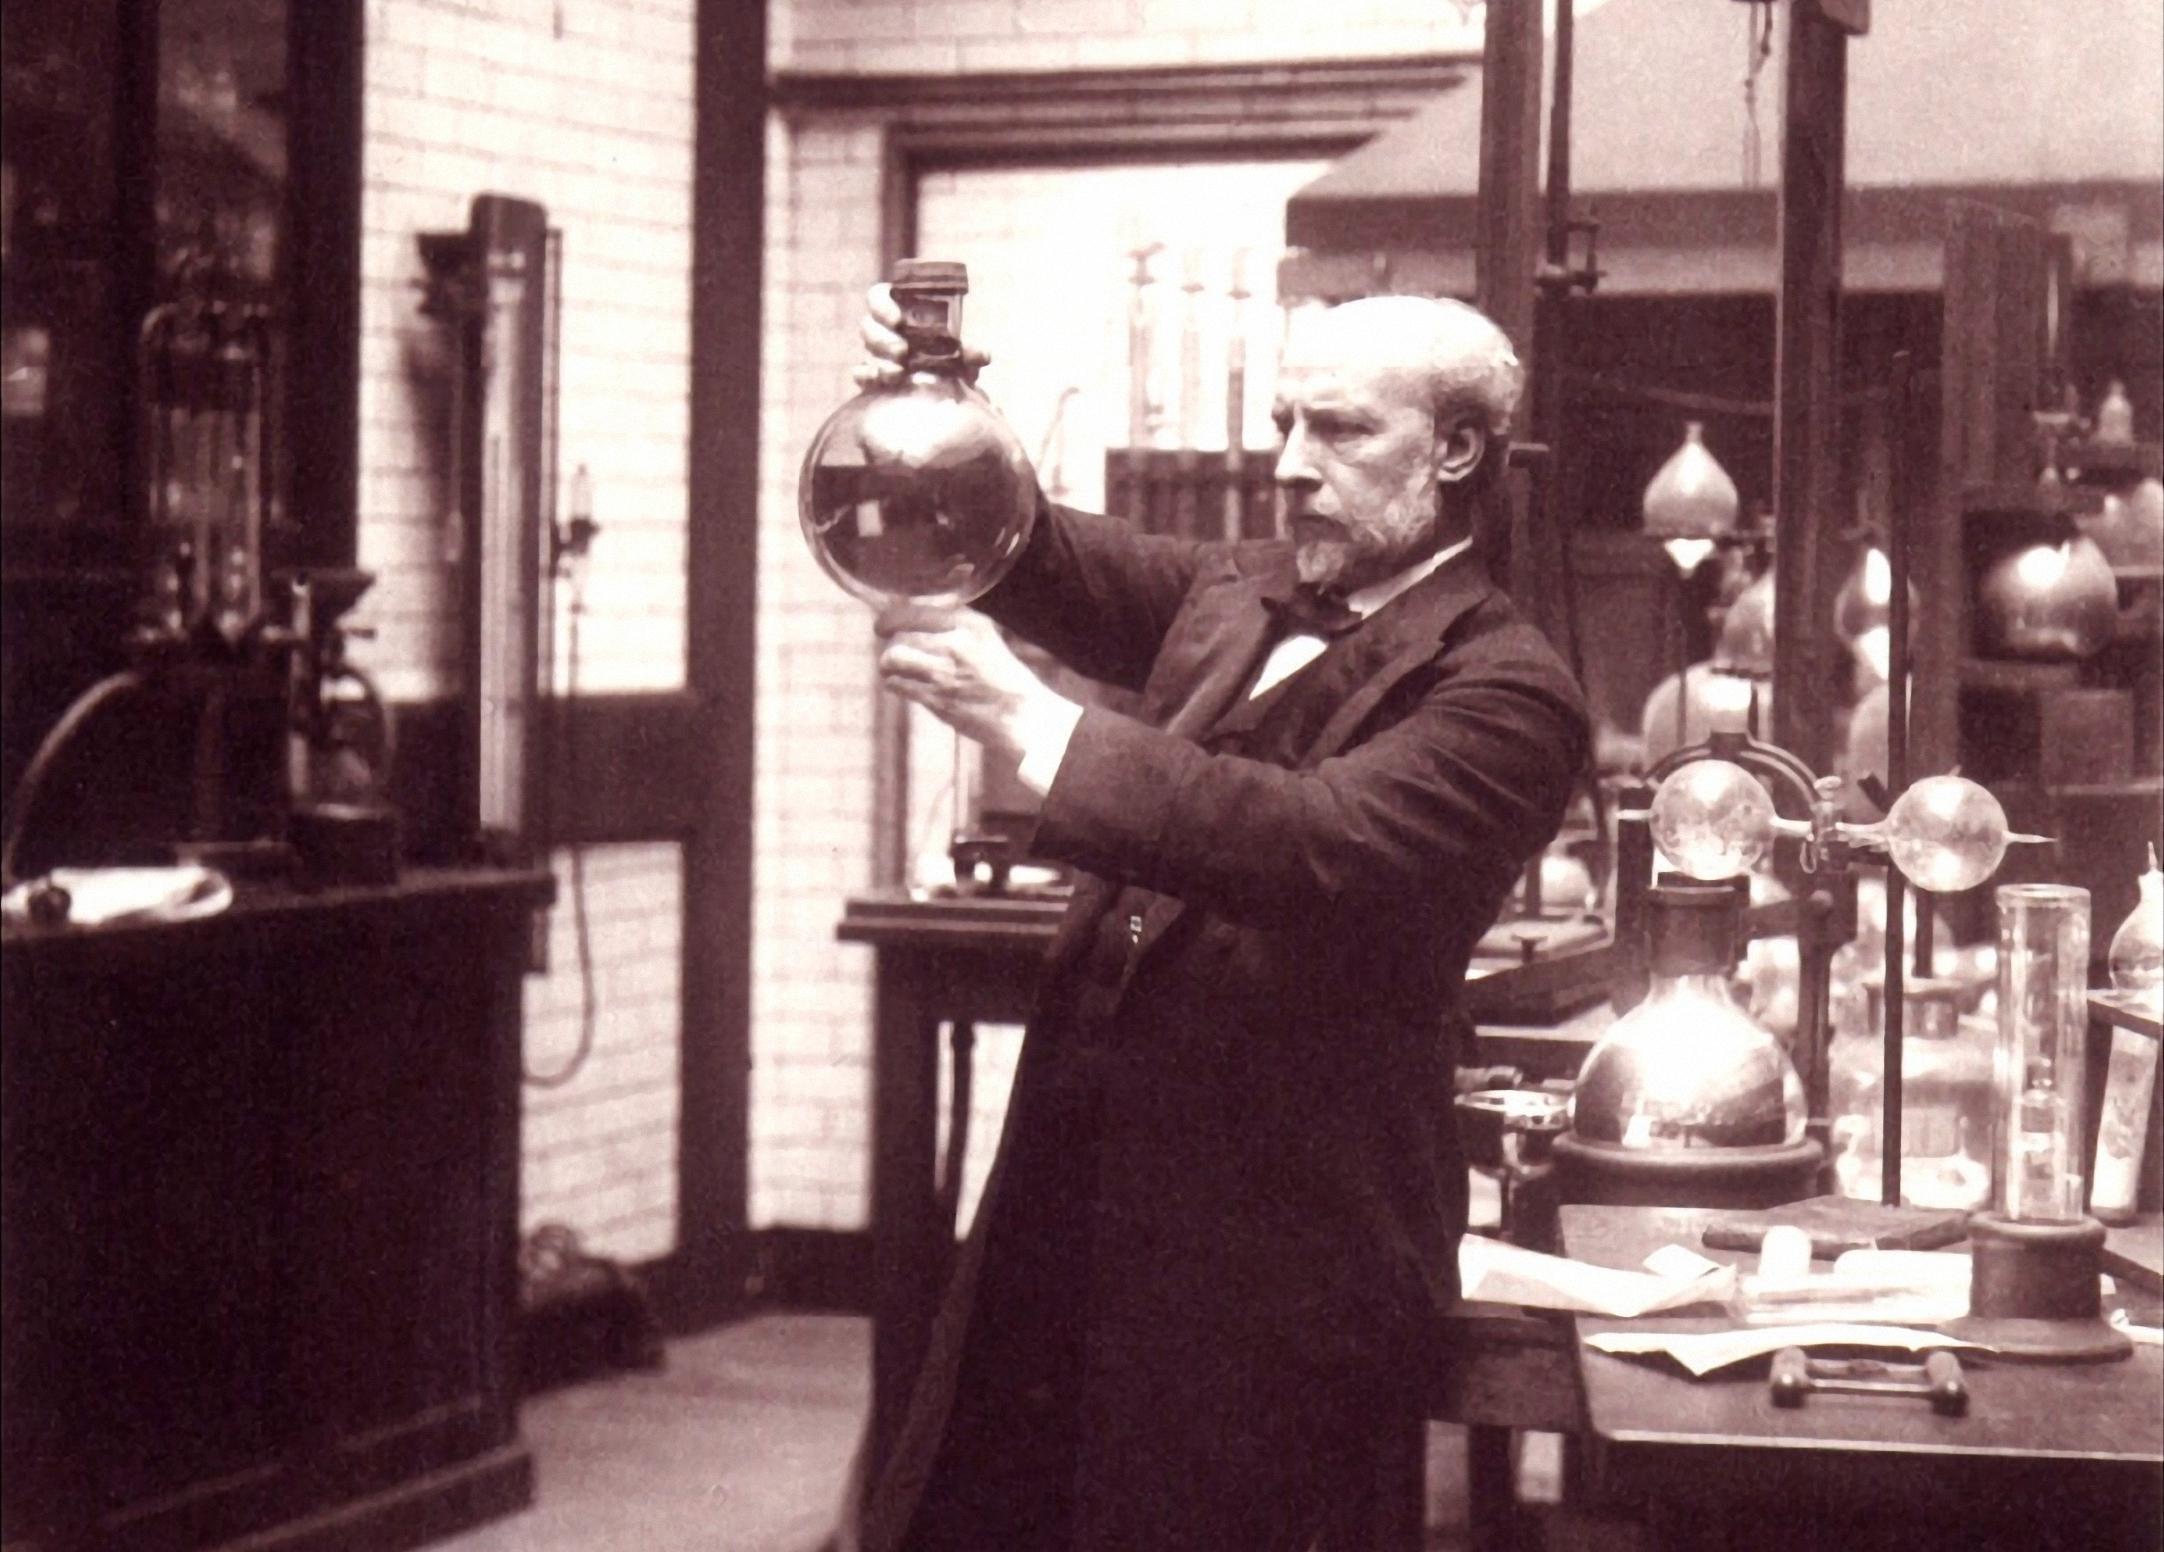 James Dewar trong phòng thí nghiệm. Ảnh: National Portrait Gallery.